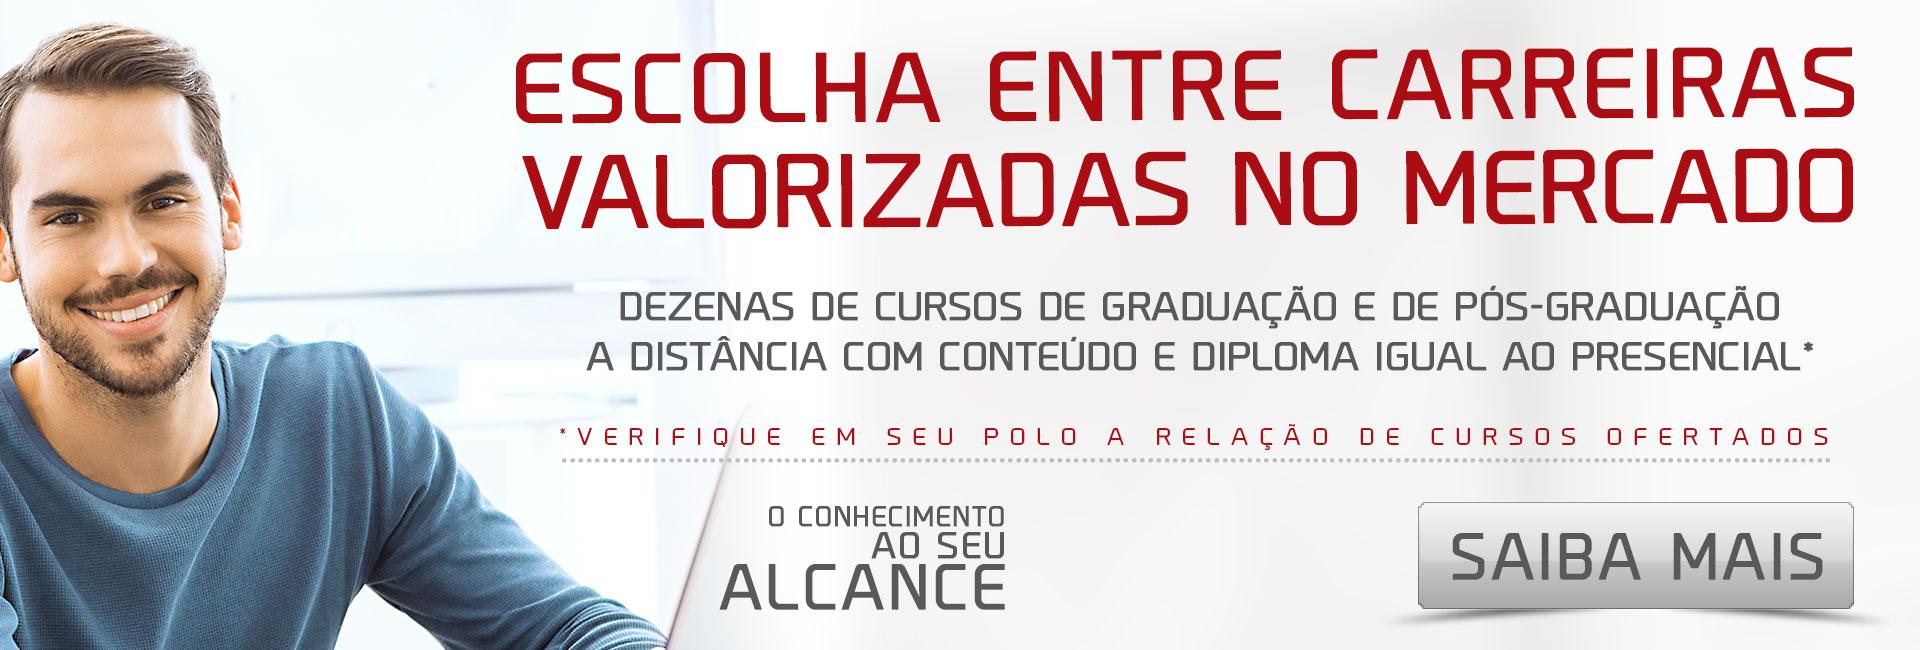 Escolha entre 20 cursos de graduação